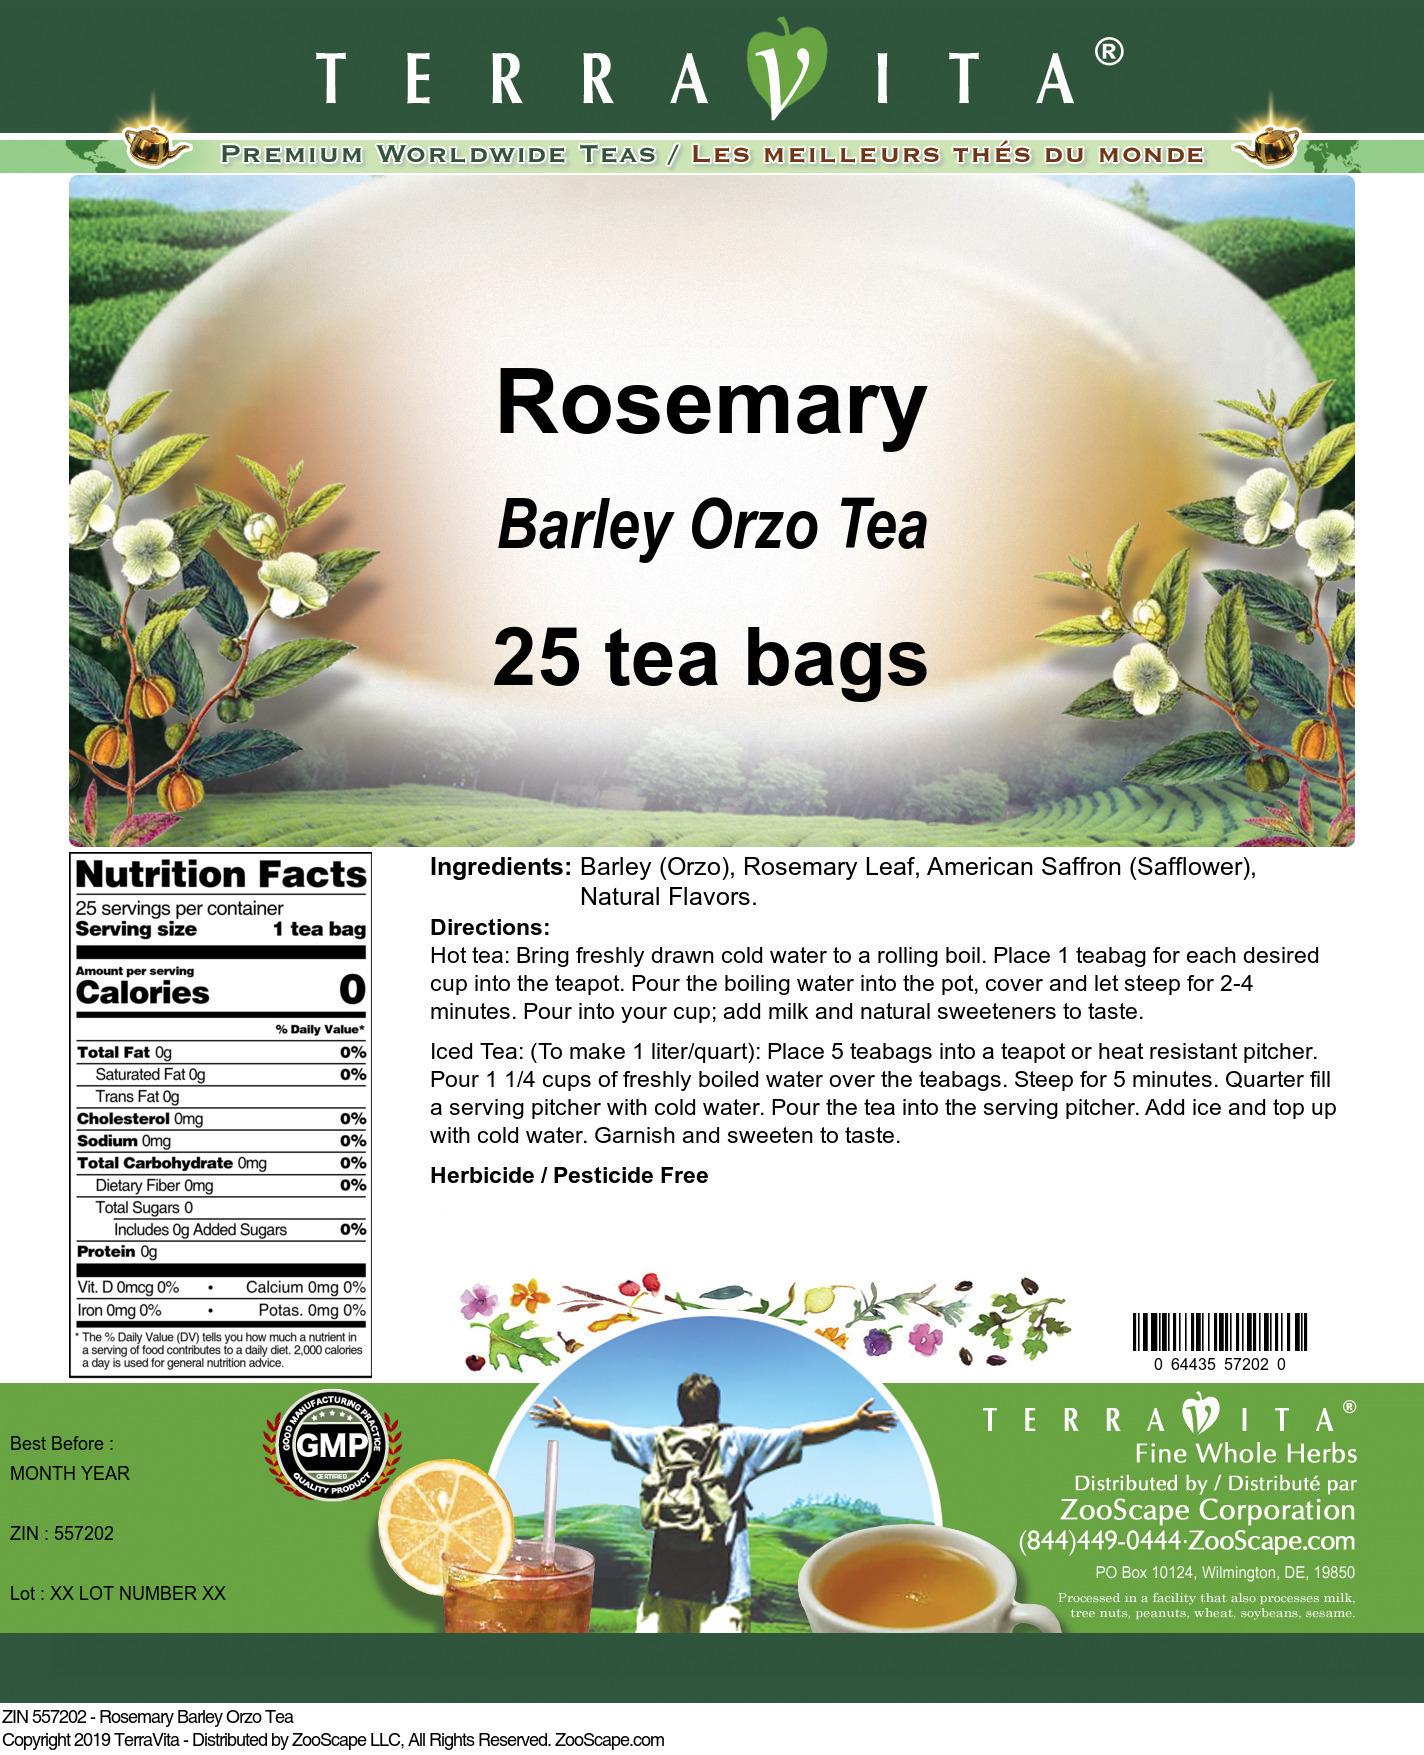 Rosemary Barley Orzo Tea